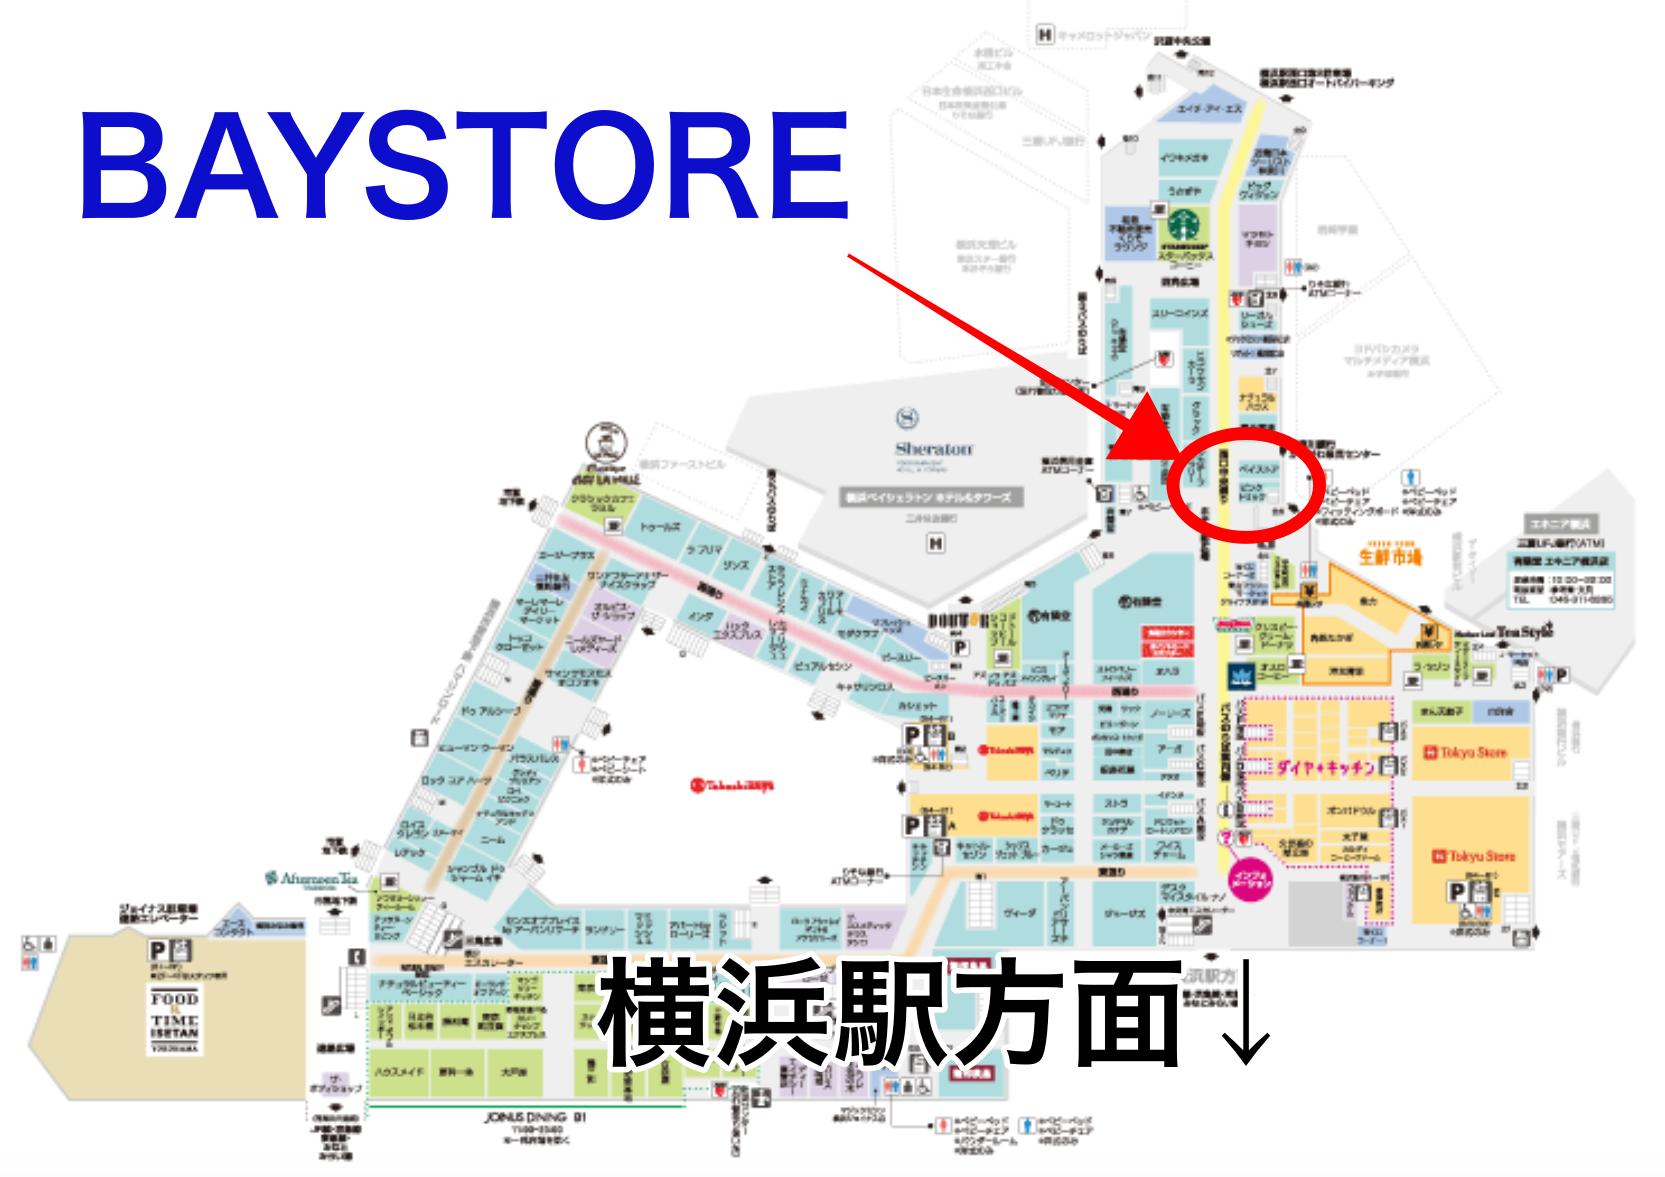 ベイストアの場所:横浜駅ジョイナス